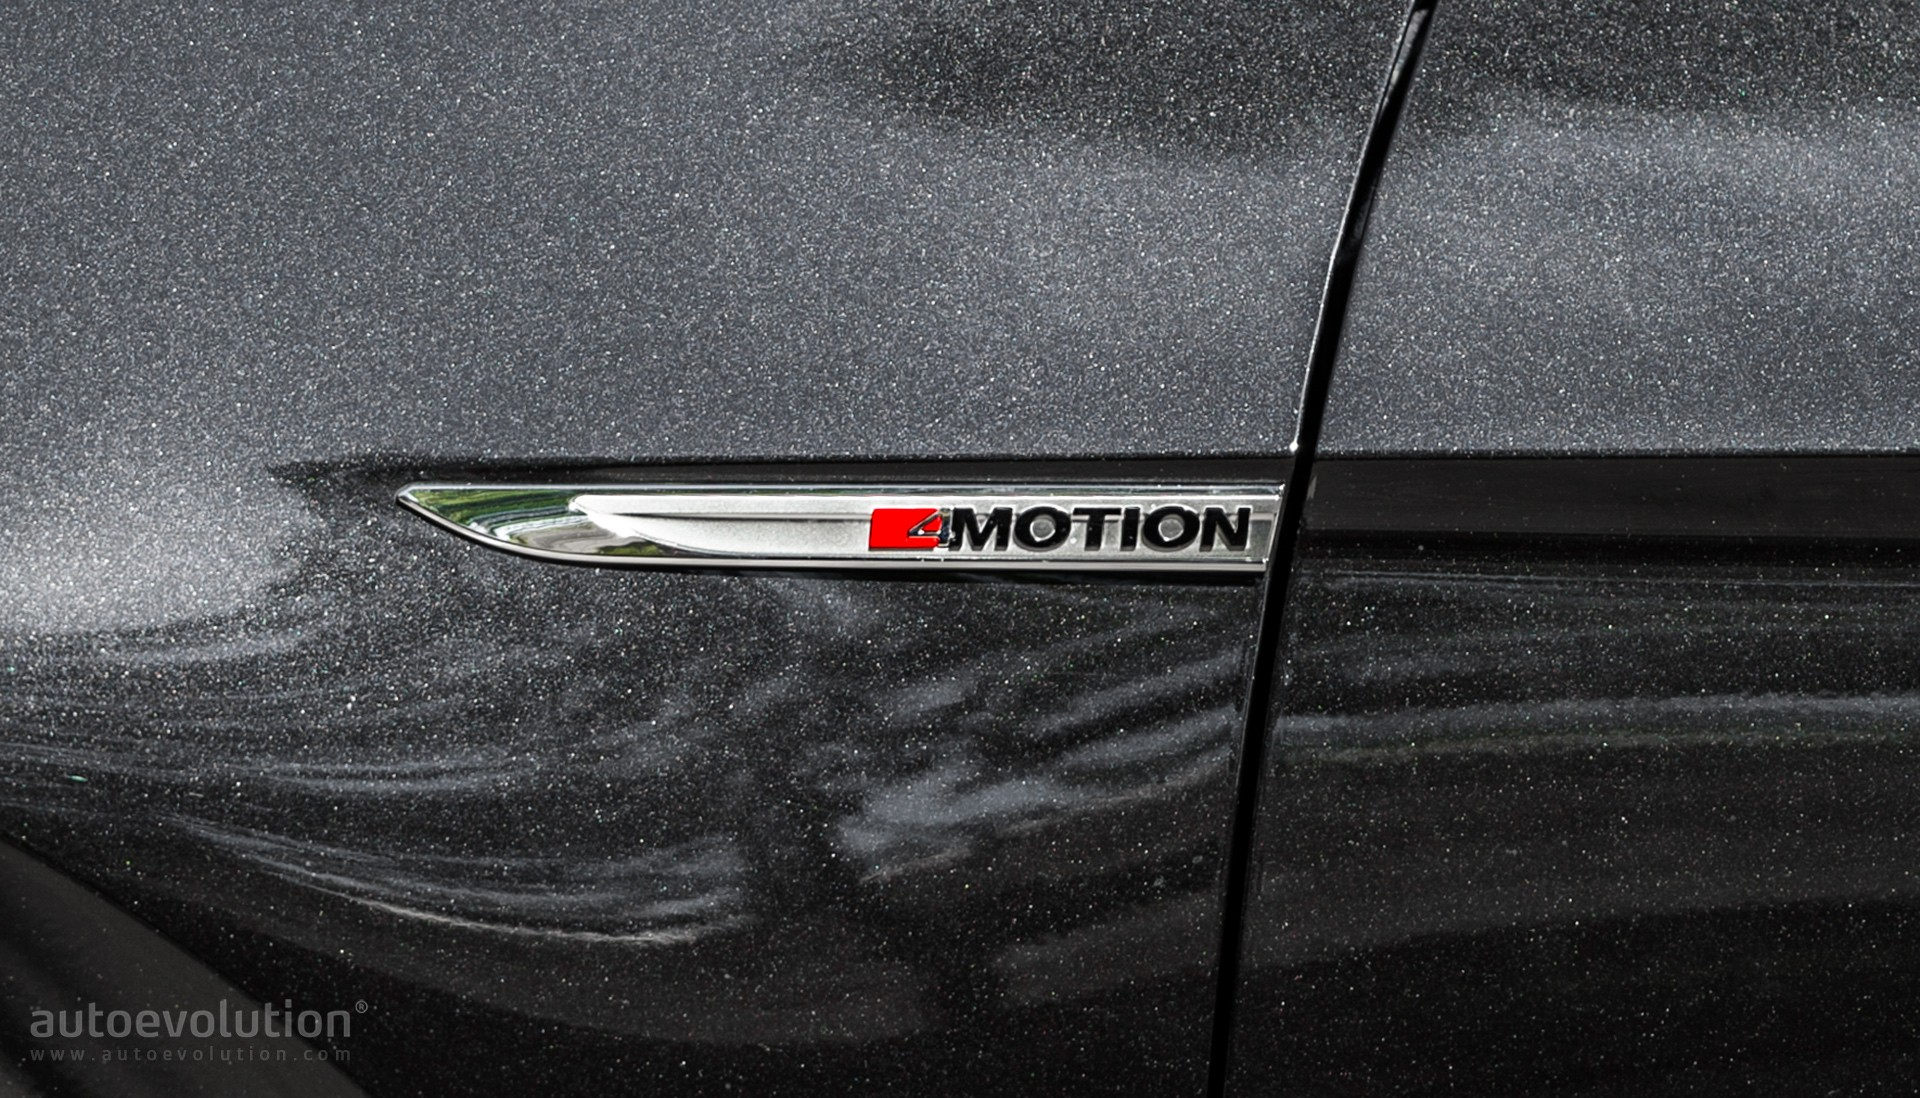 2016 Volkswagen Passat 2 0 Bitdi 4motion Review